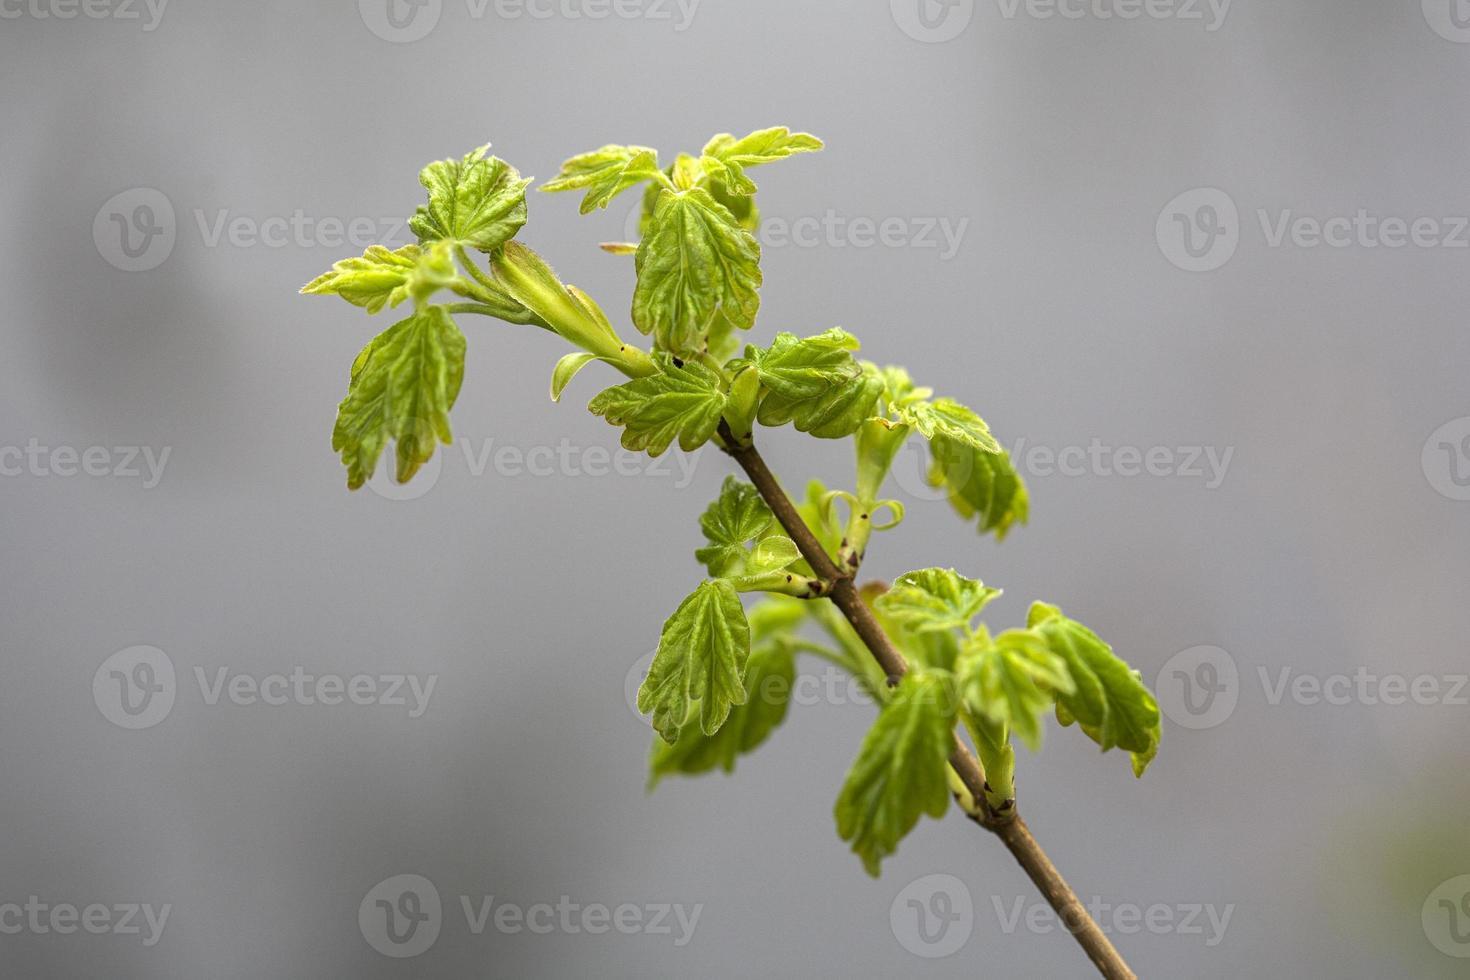 ontspruitende bladeren van veldesdoorn foto